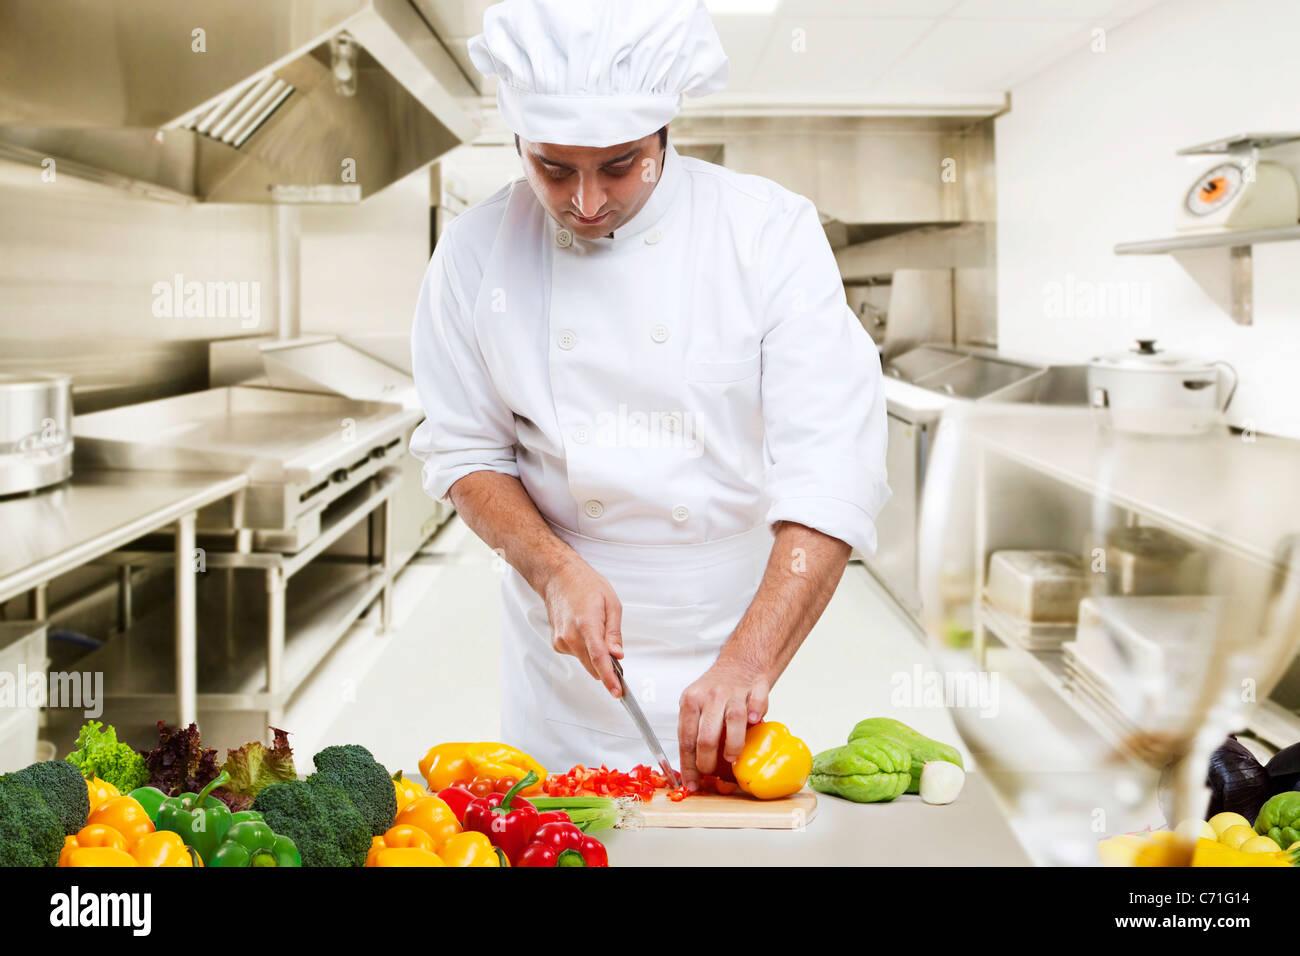 Koch Schneiden von Gemüse in der Küche Stockfoto, Bild: 38757856 - Alamy